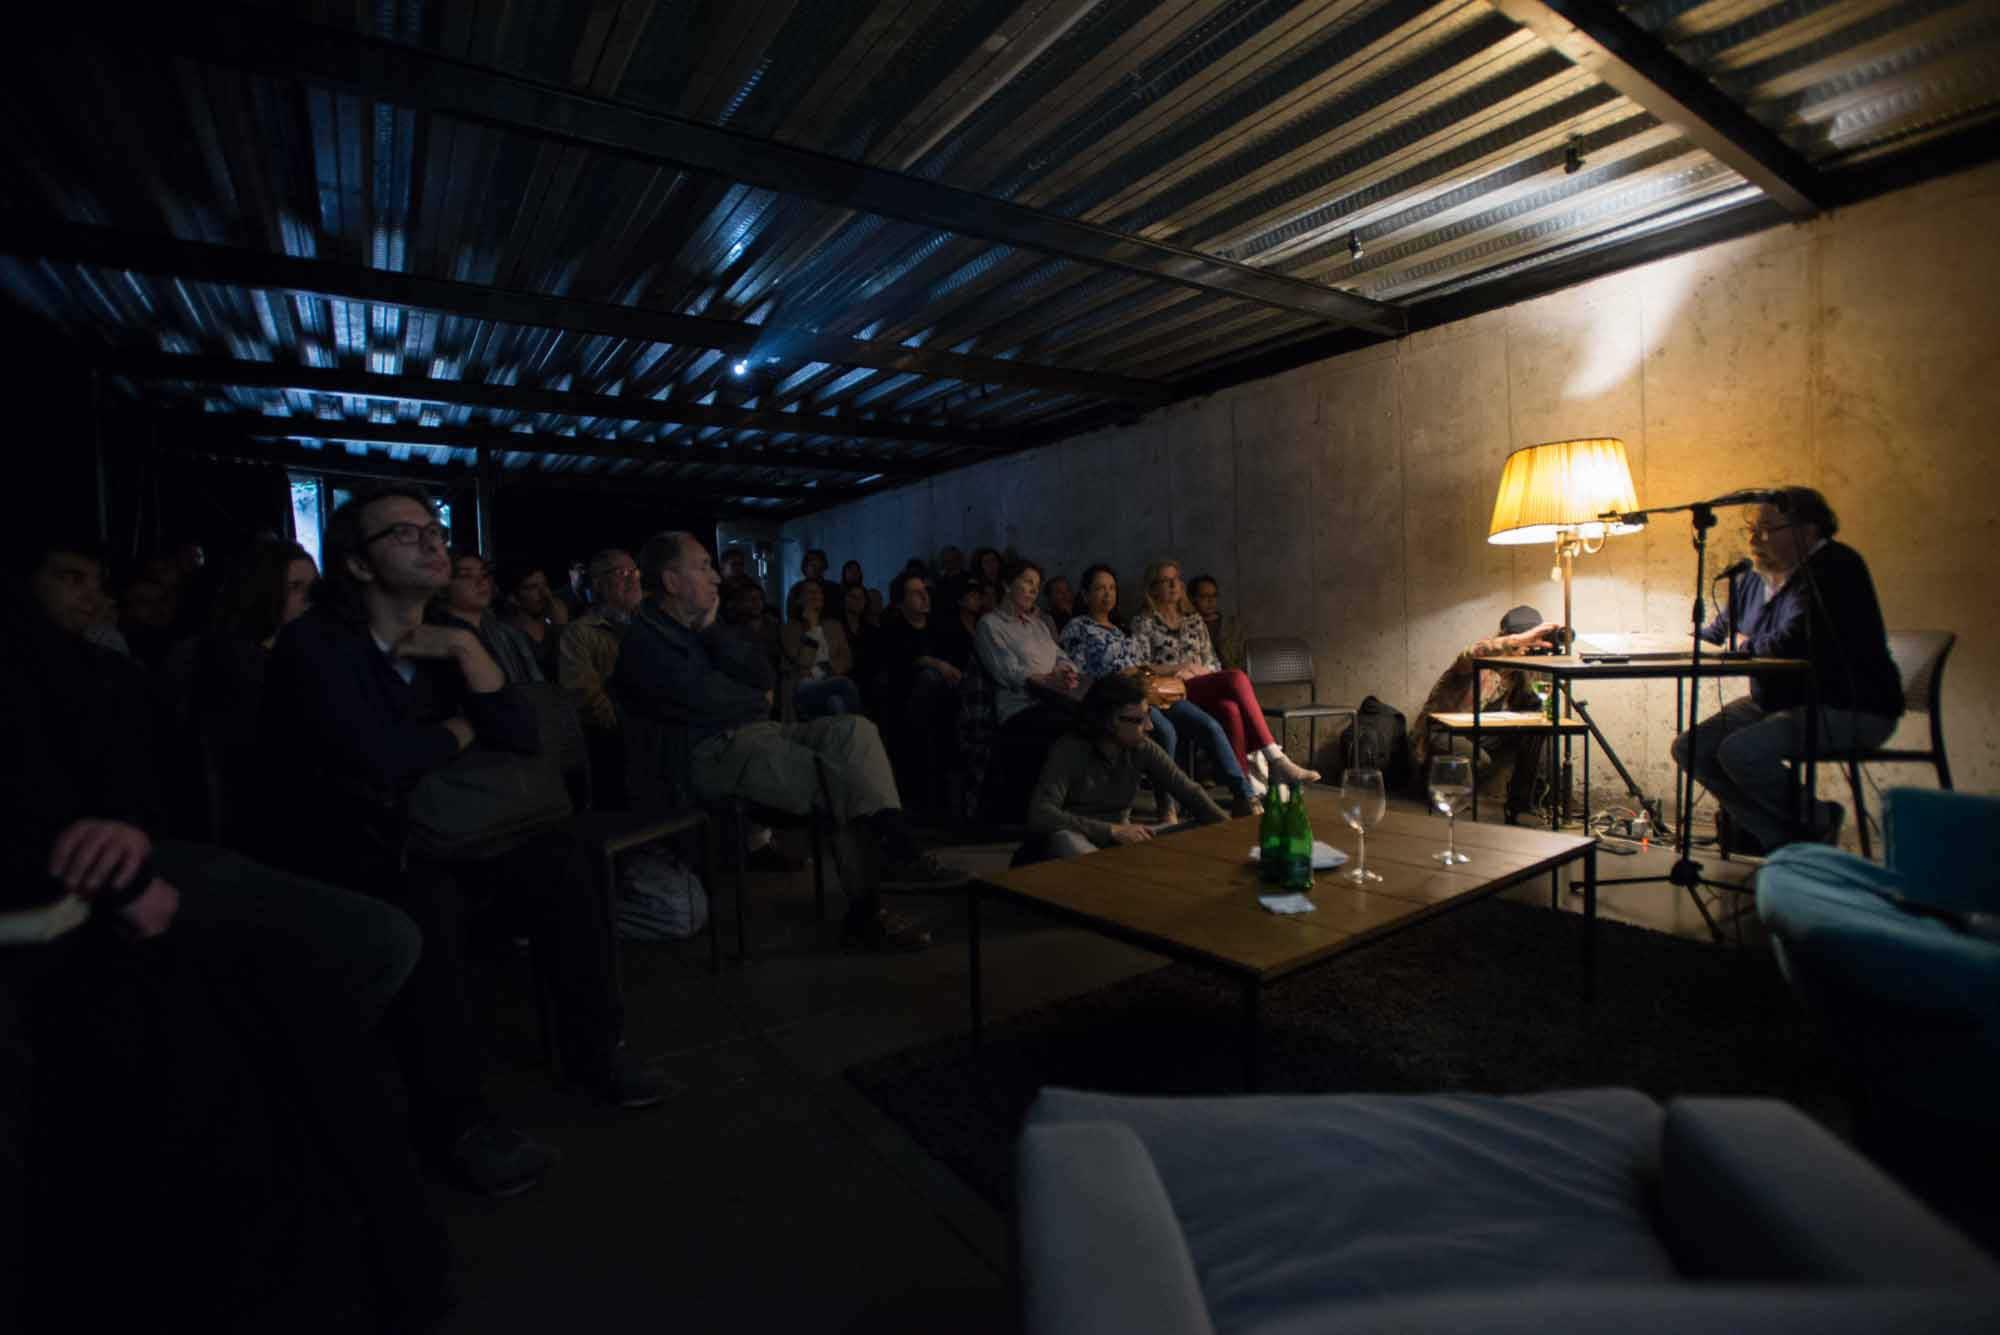 Luis Poirot, fotógrafo chileno participa en Díalogos Fotográficos en el Restaurant El Internado en el marco de la 7ª edición del Festival Internacional de Fotografía en Valparaíso, FIFV 2016. ©Ignacio Lamas